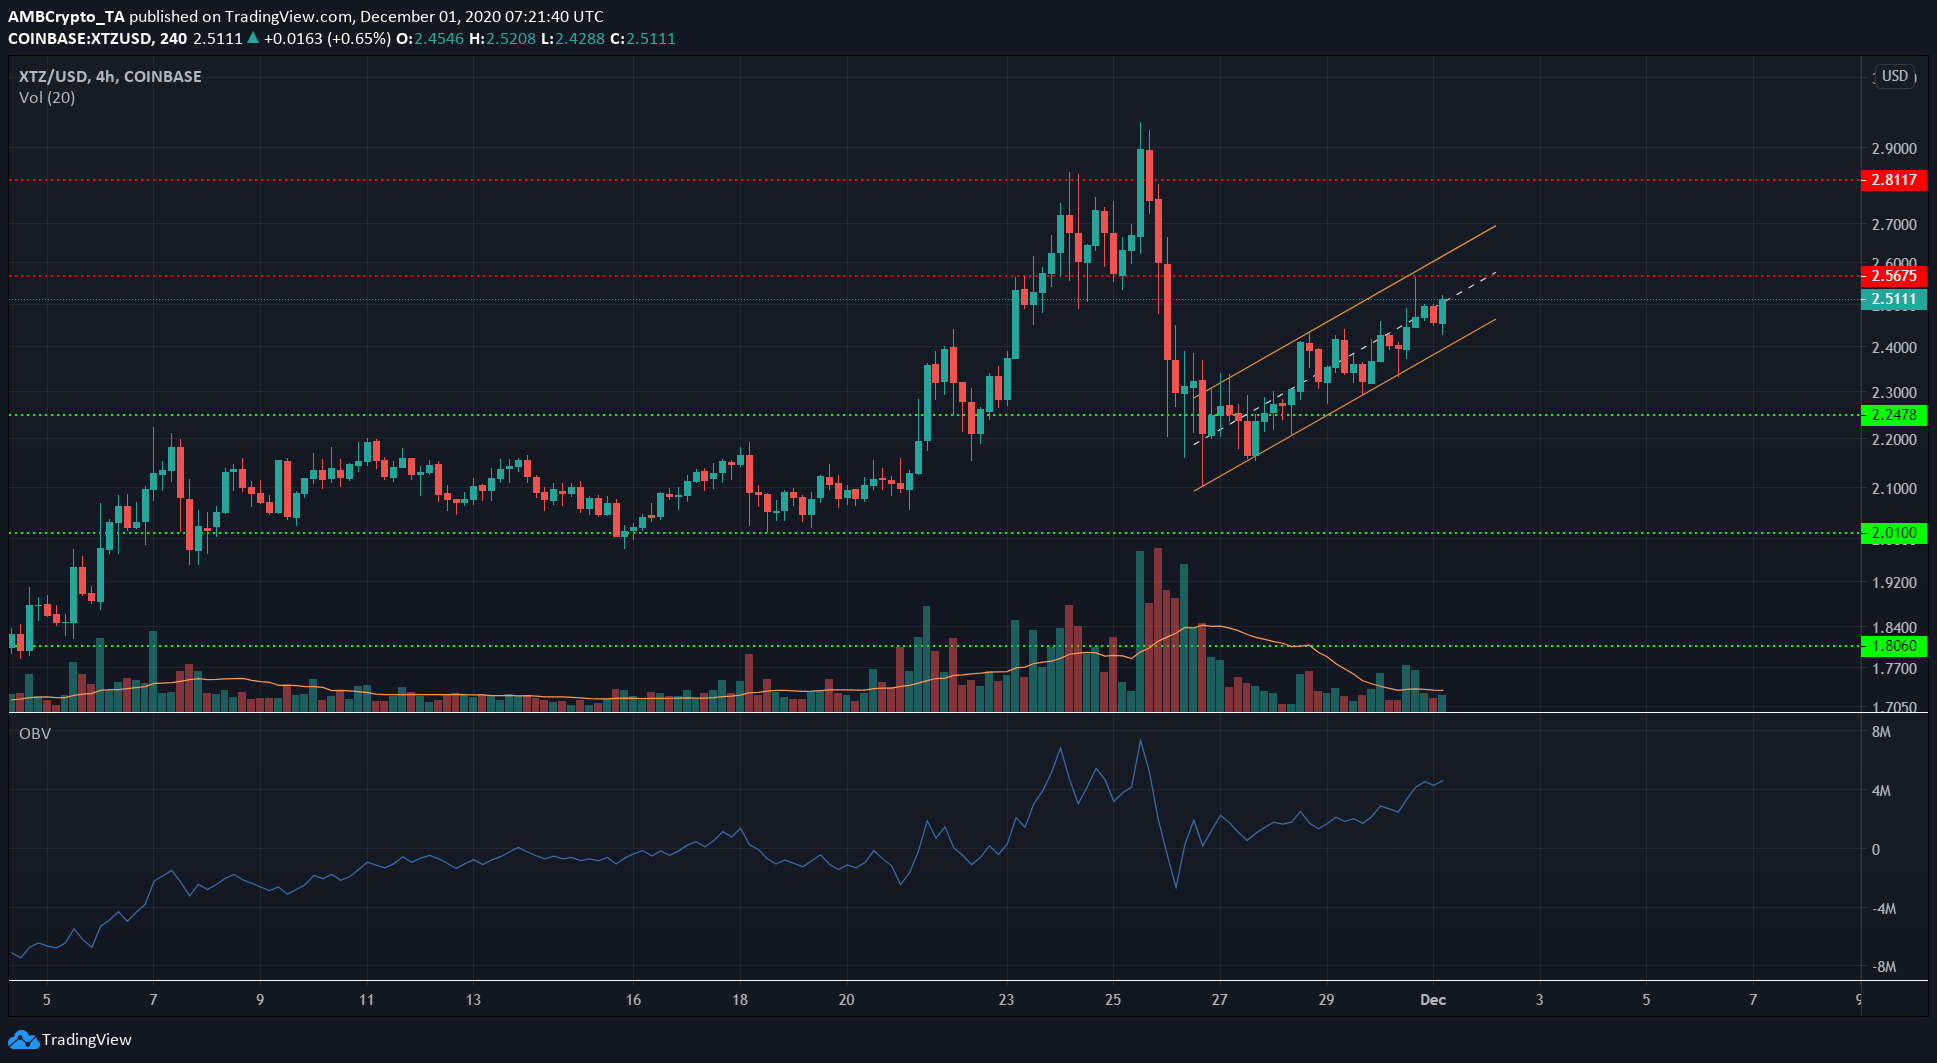 Ethereum, Tezos, BAT Price Analysis: 01 December